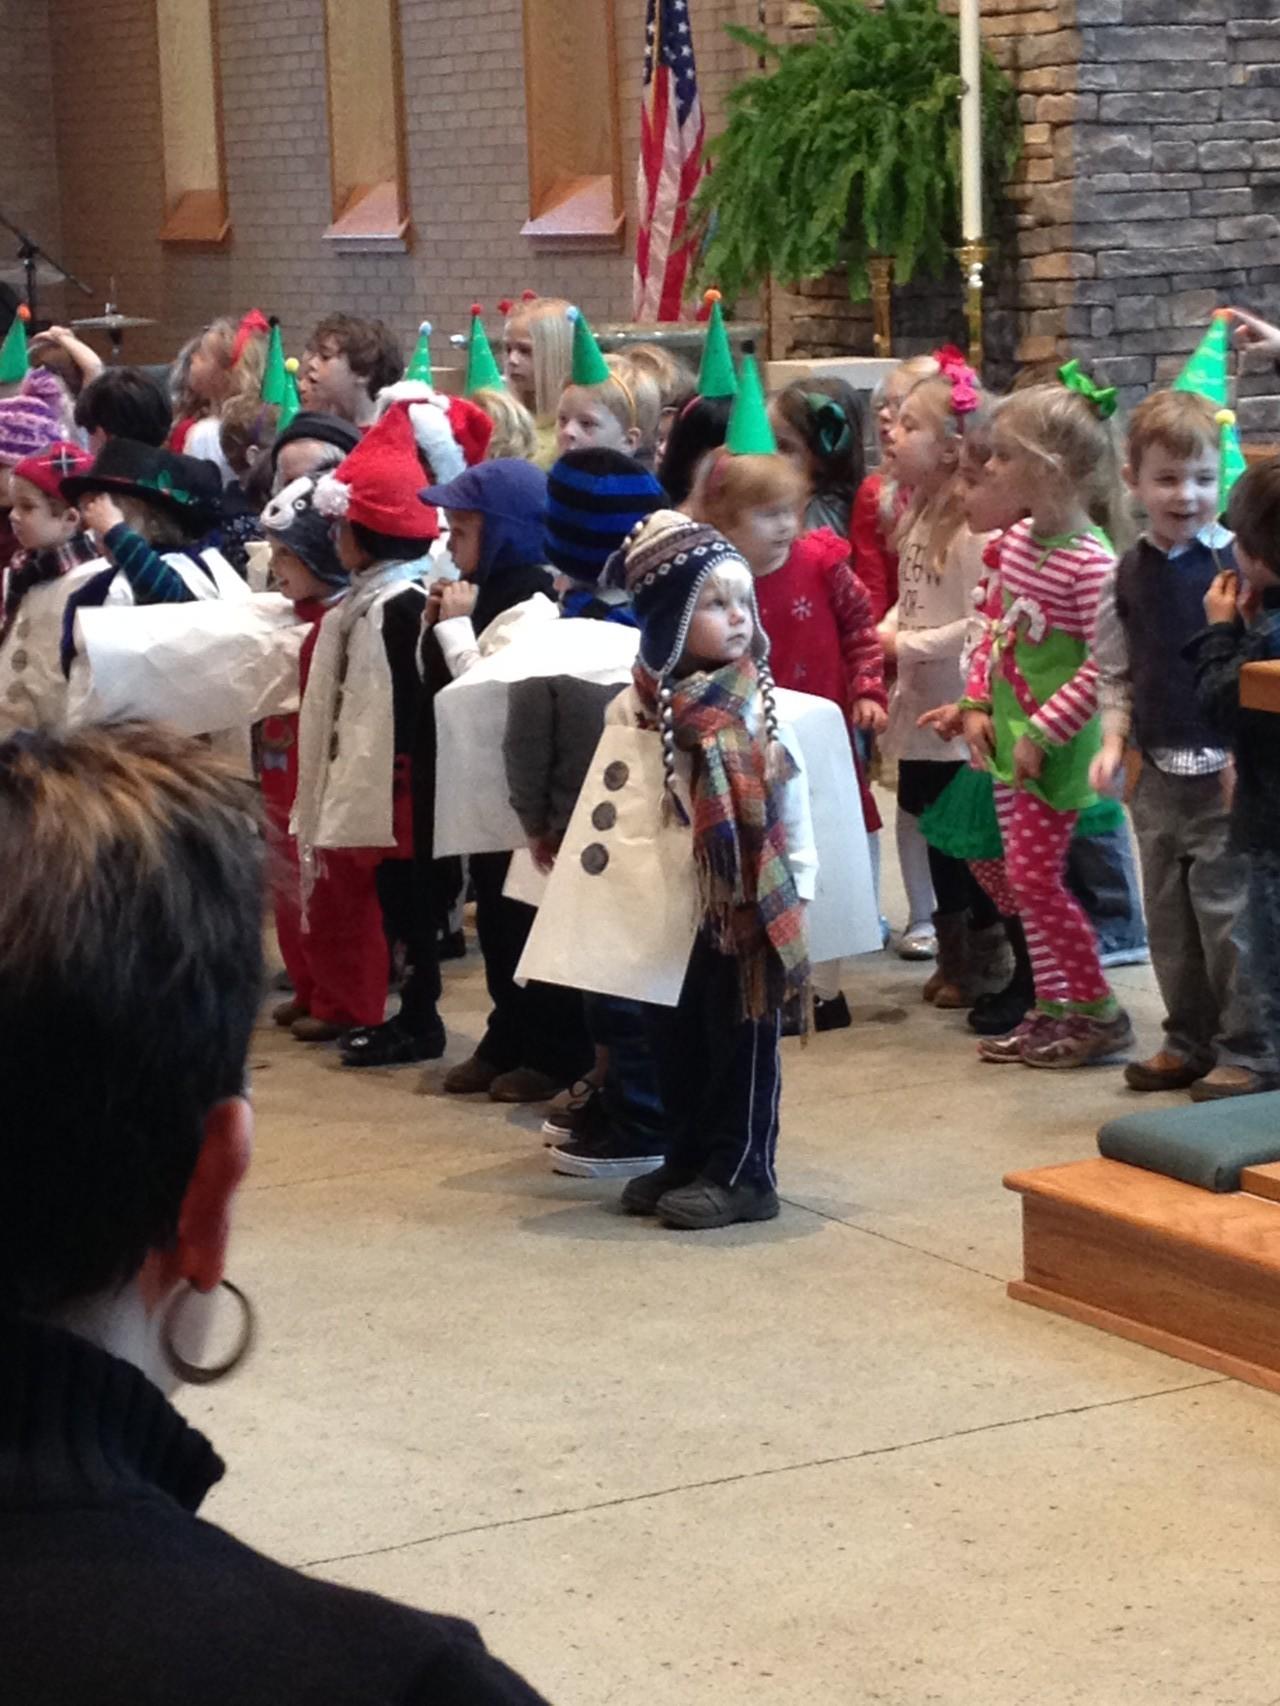 M. bei der Weihnachtsfeier seiner Preschool als Schneemann